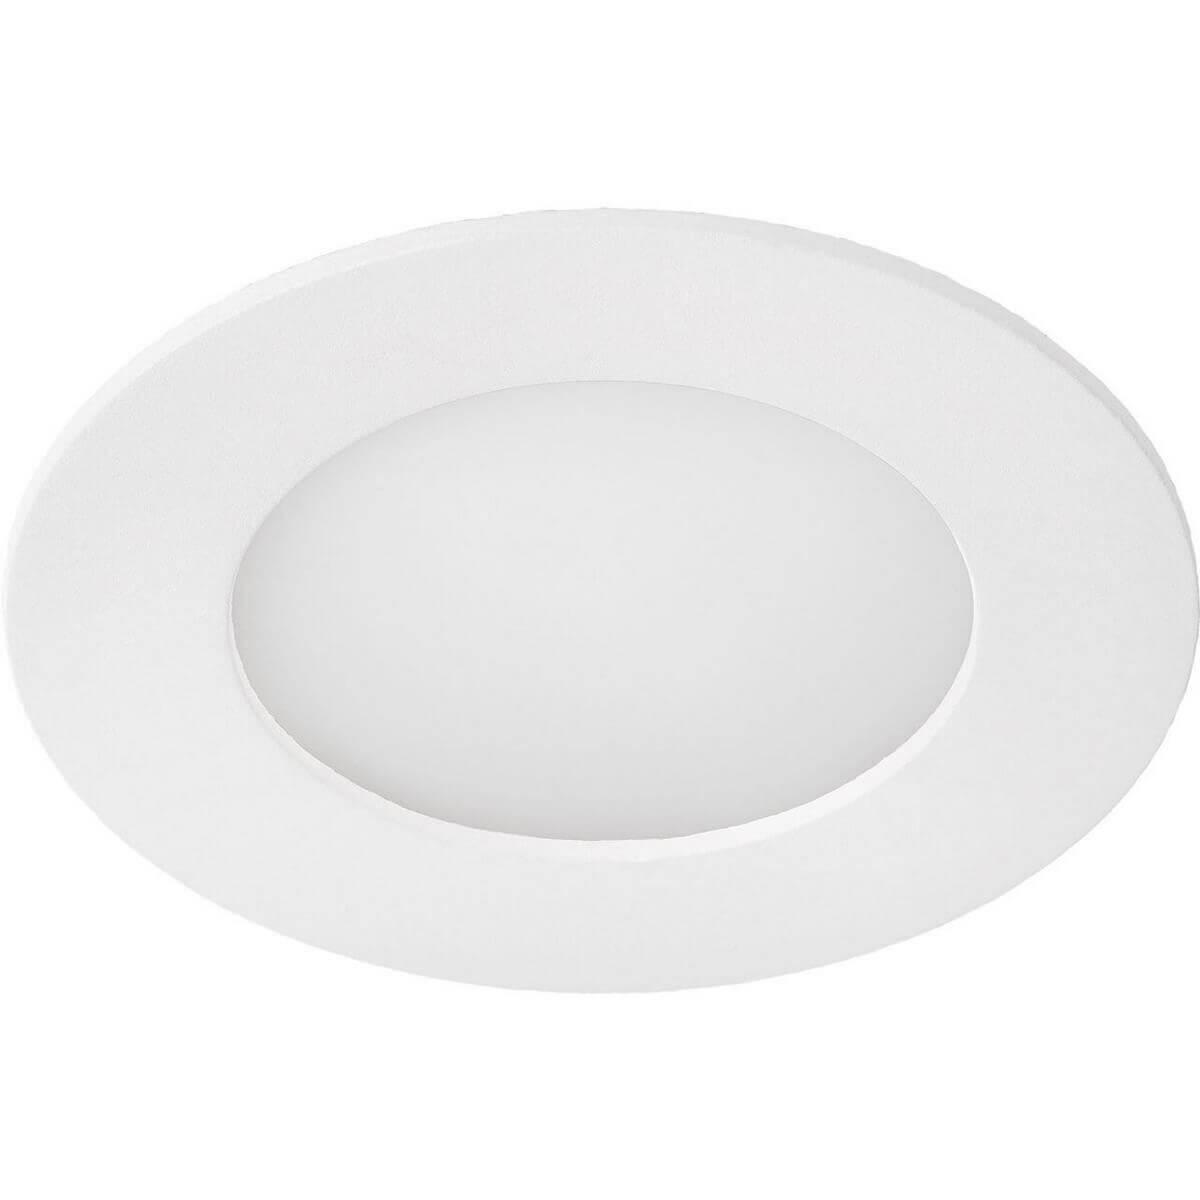 Встраиваемый светодиодный светильник Lucide Brice-Led 28906/11/31 панель светодиодная rev round накладная настенно потолочная 24 w 4000 к диаметр 30 см 28906 7